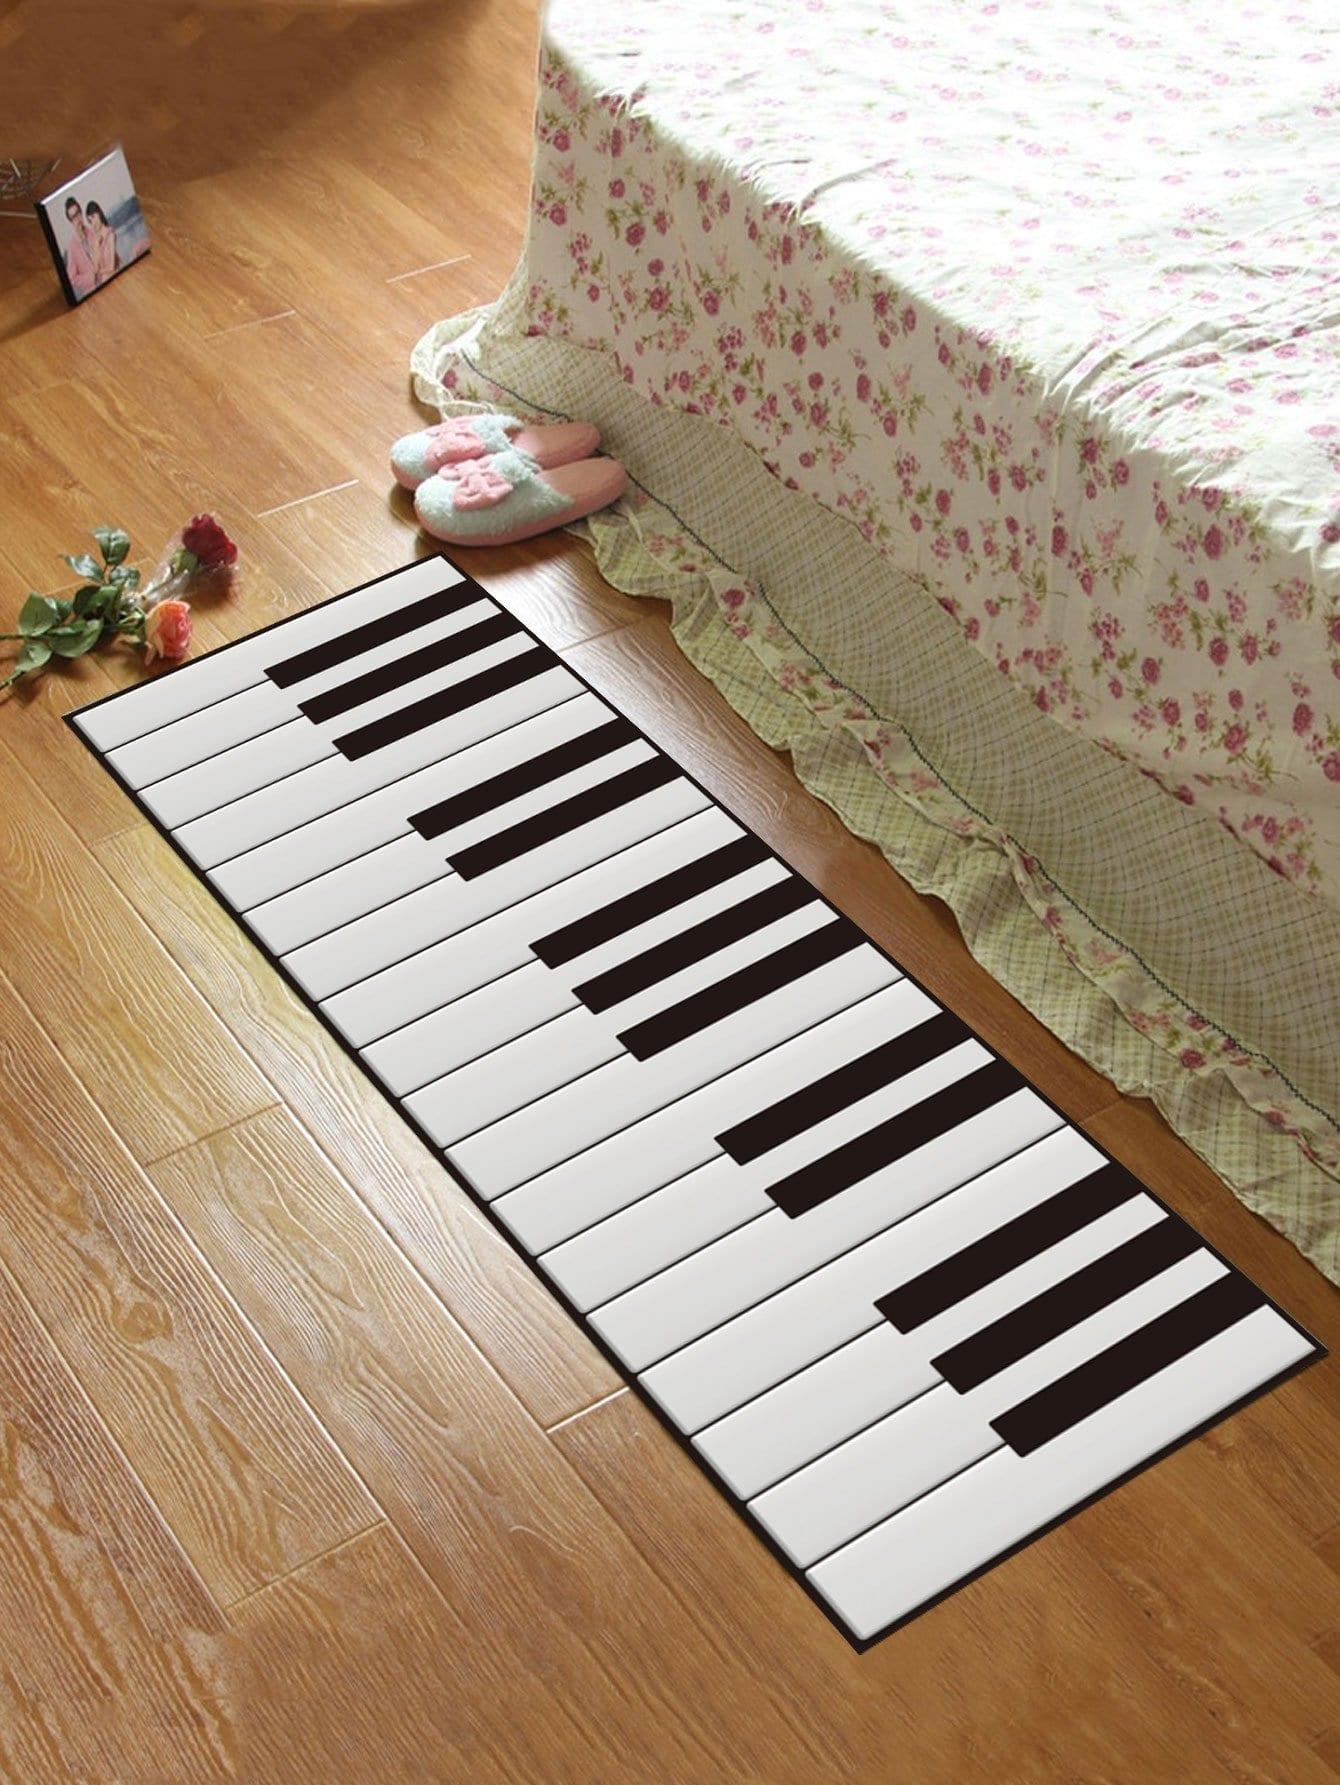 Купить Коврик в форме клавиши фортепиано, null, SheIn